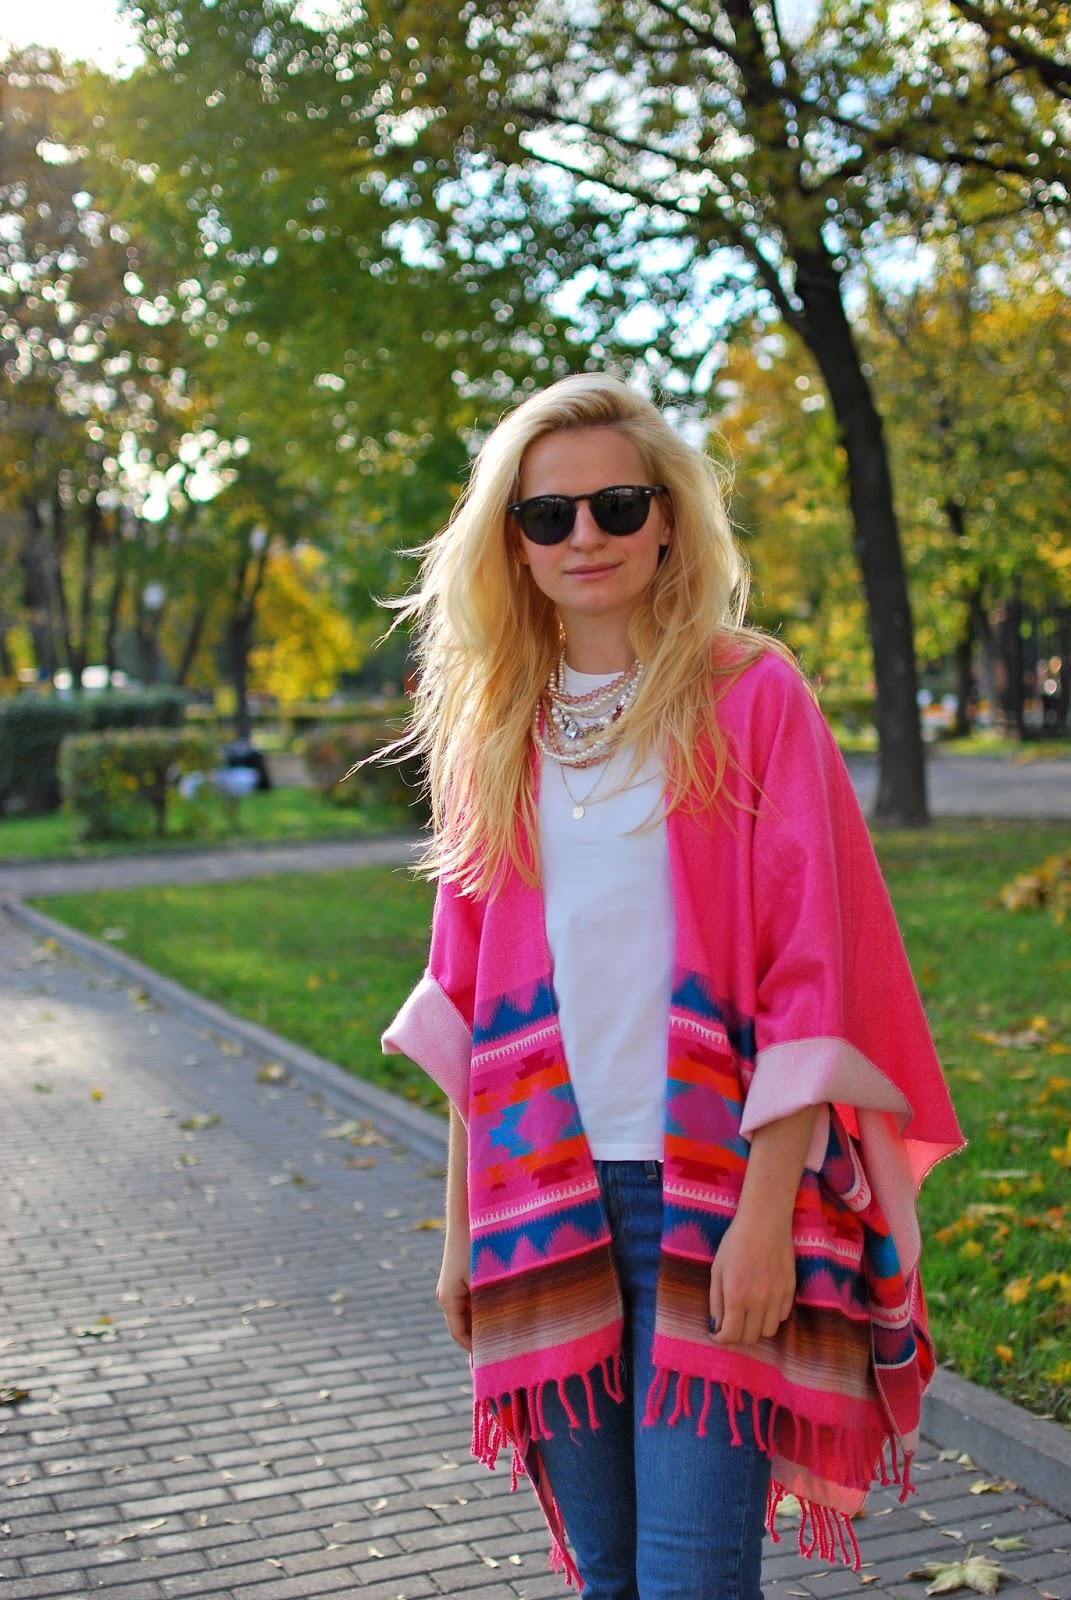 уличная мода 2016, лучшие модные блогеры, фэшн блогер